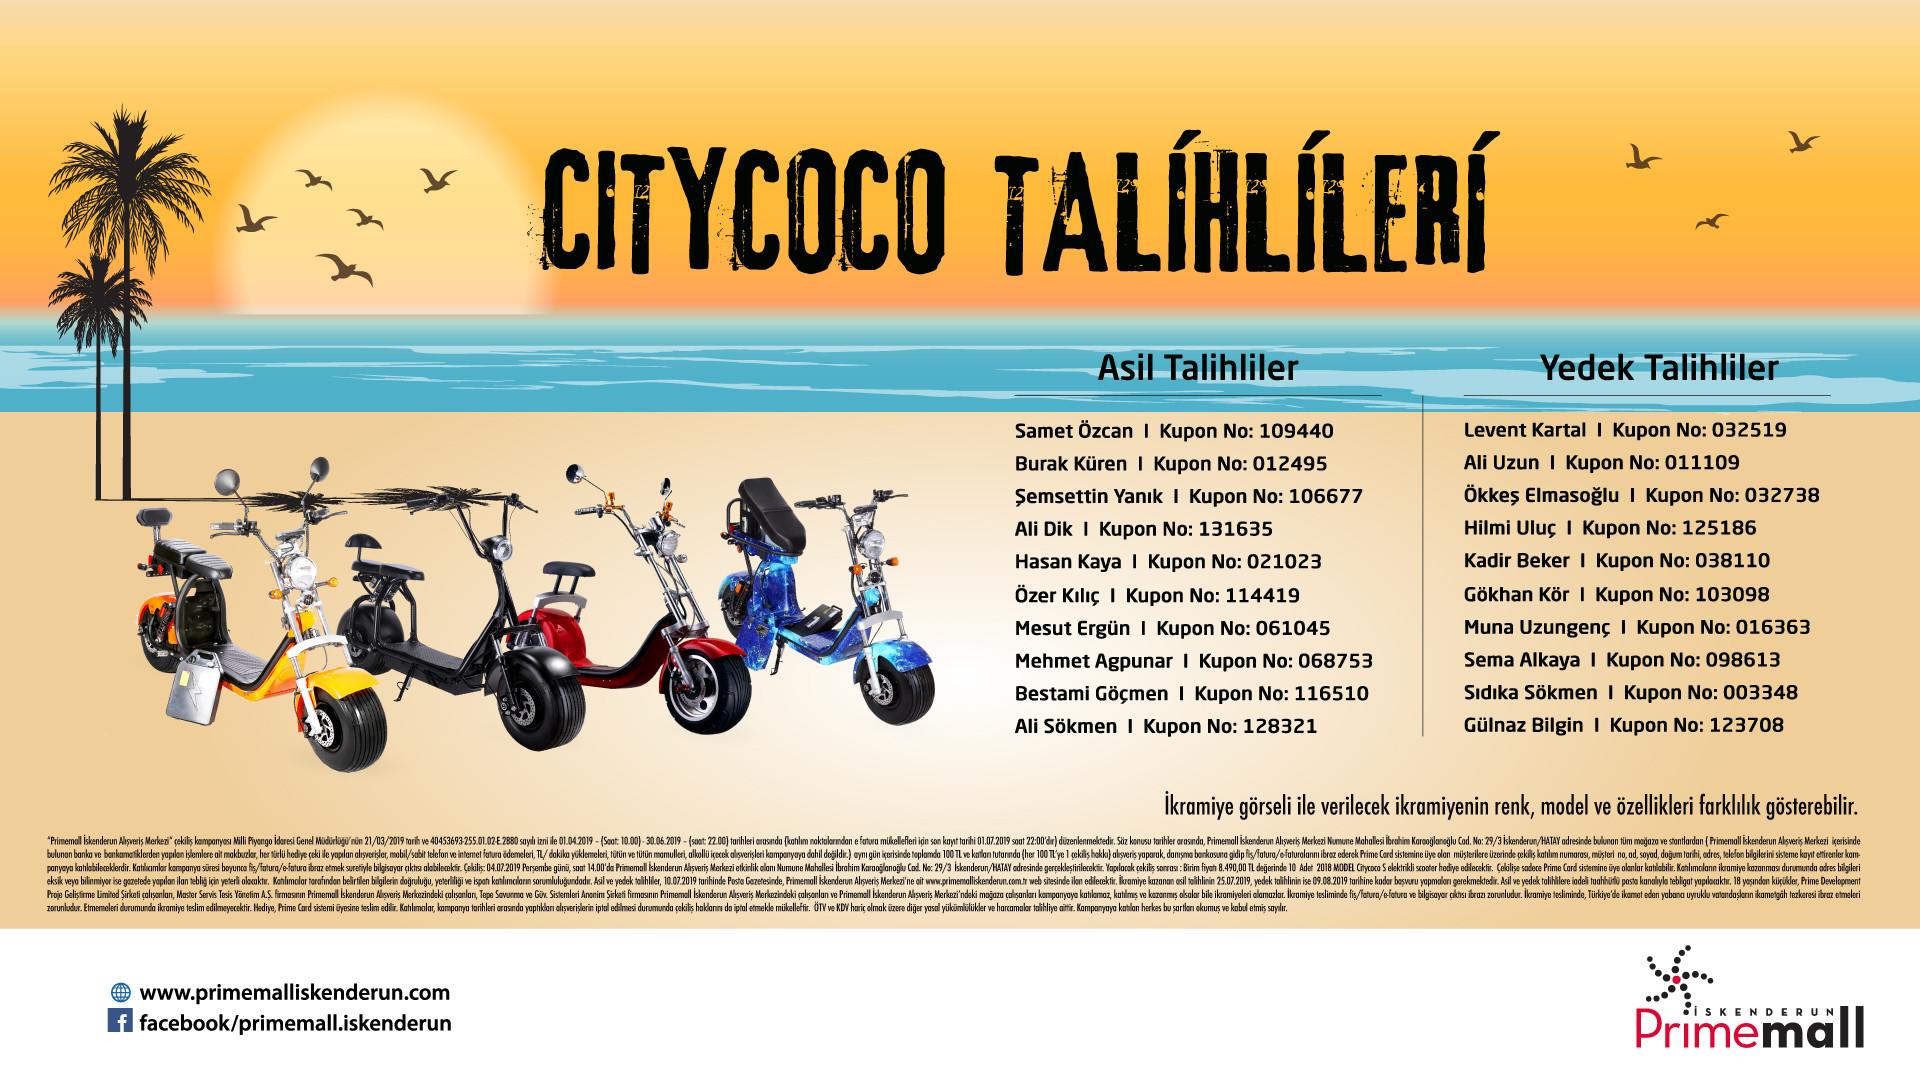 Citycoco Talihlileri